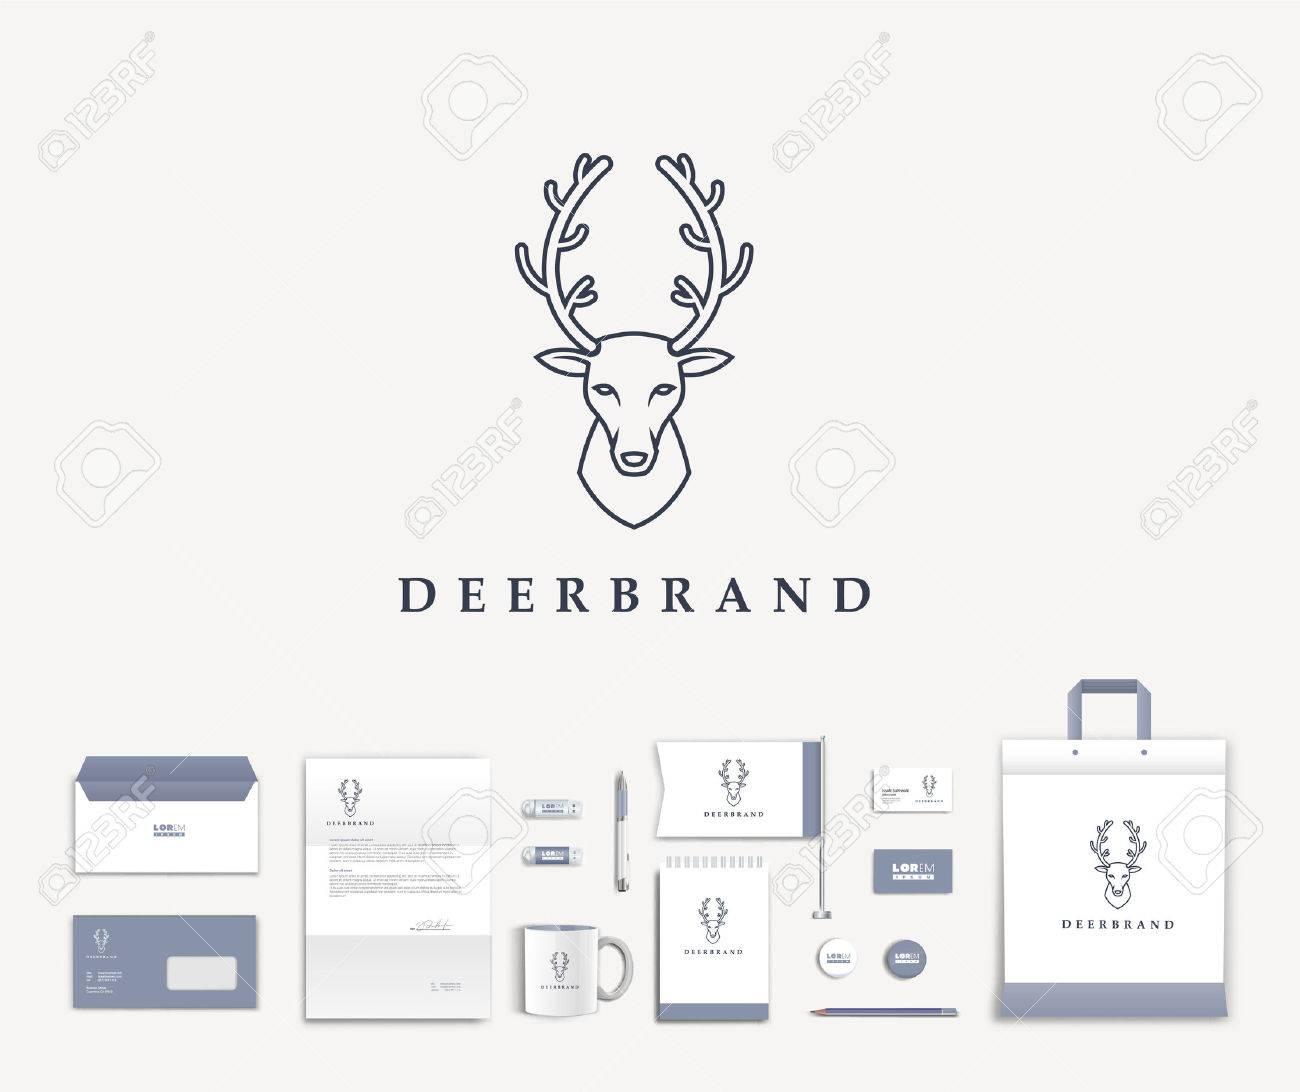 Id Template   Weiss Corporate Id Template Design Mit Niedlichen Rotwild Logo